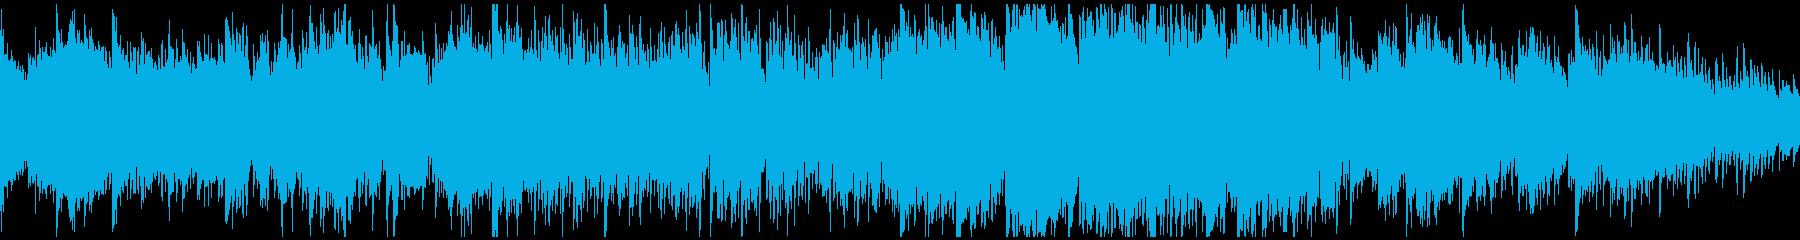 幽玄な和風エレクトロニカ ※ループ仕様版の再生済みの波形